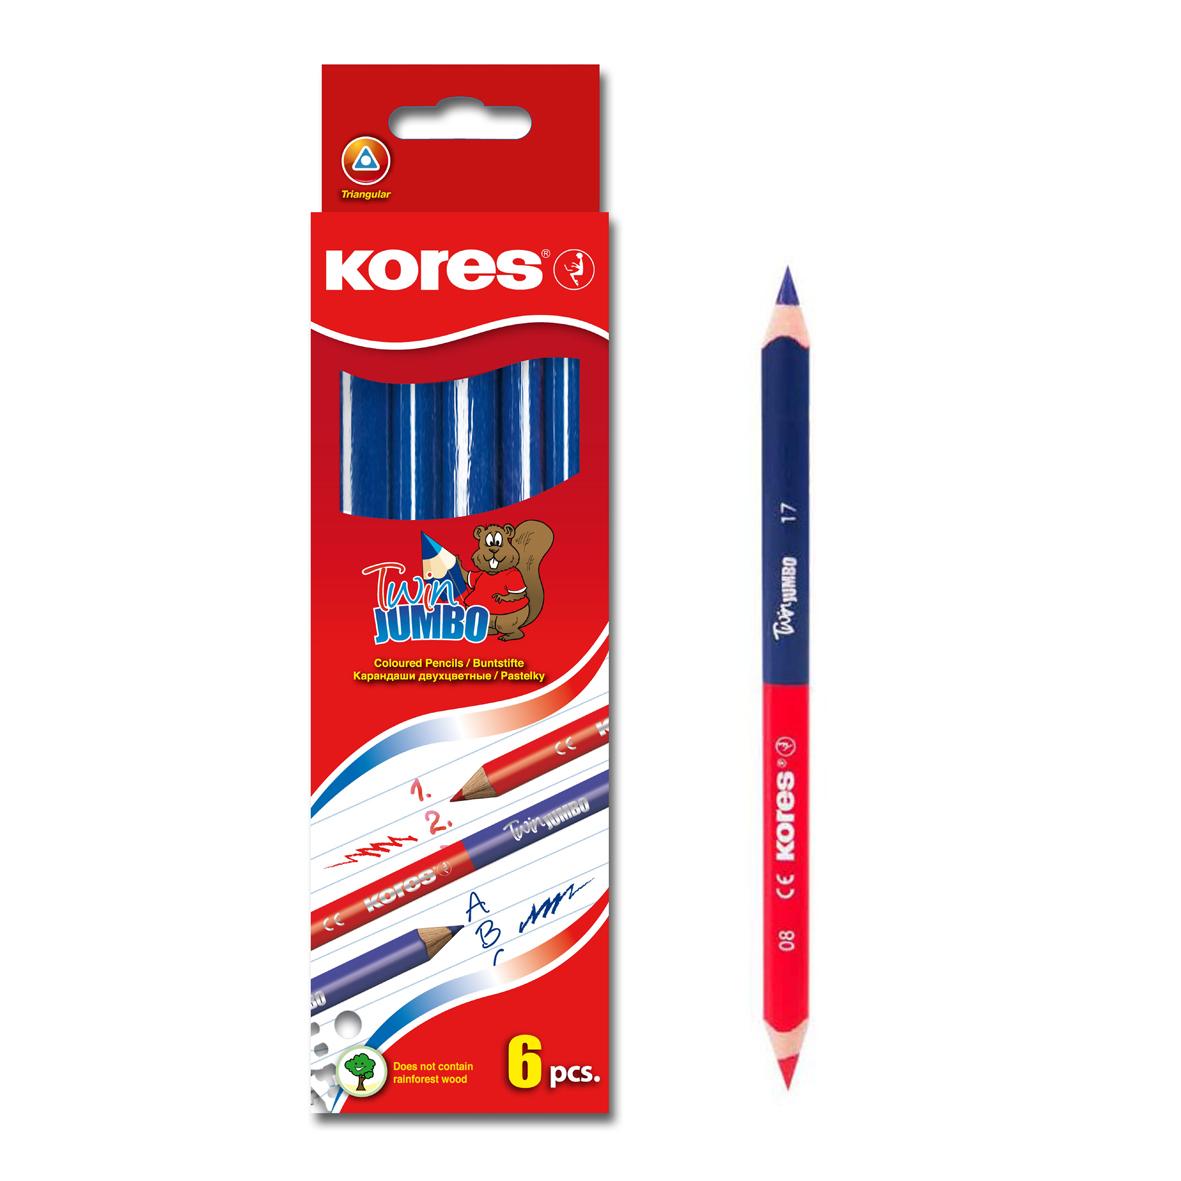 עפרון ג'מבו משולש, דו צבעי KORES סט 6 יחידות בקופסא